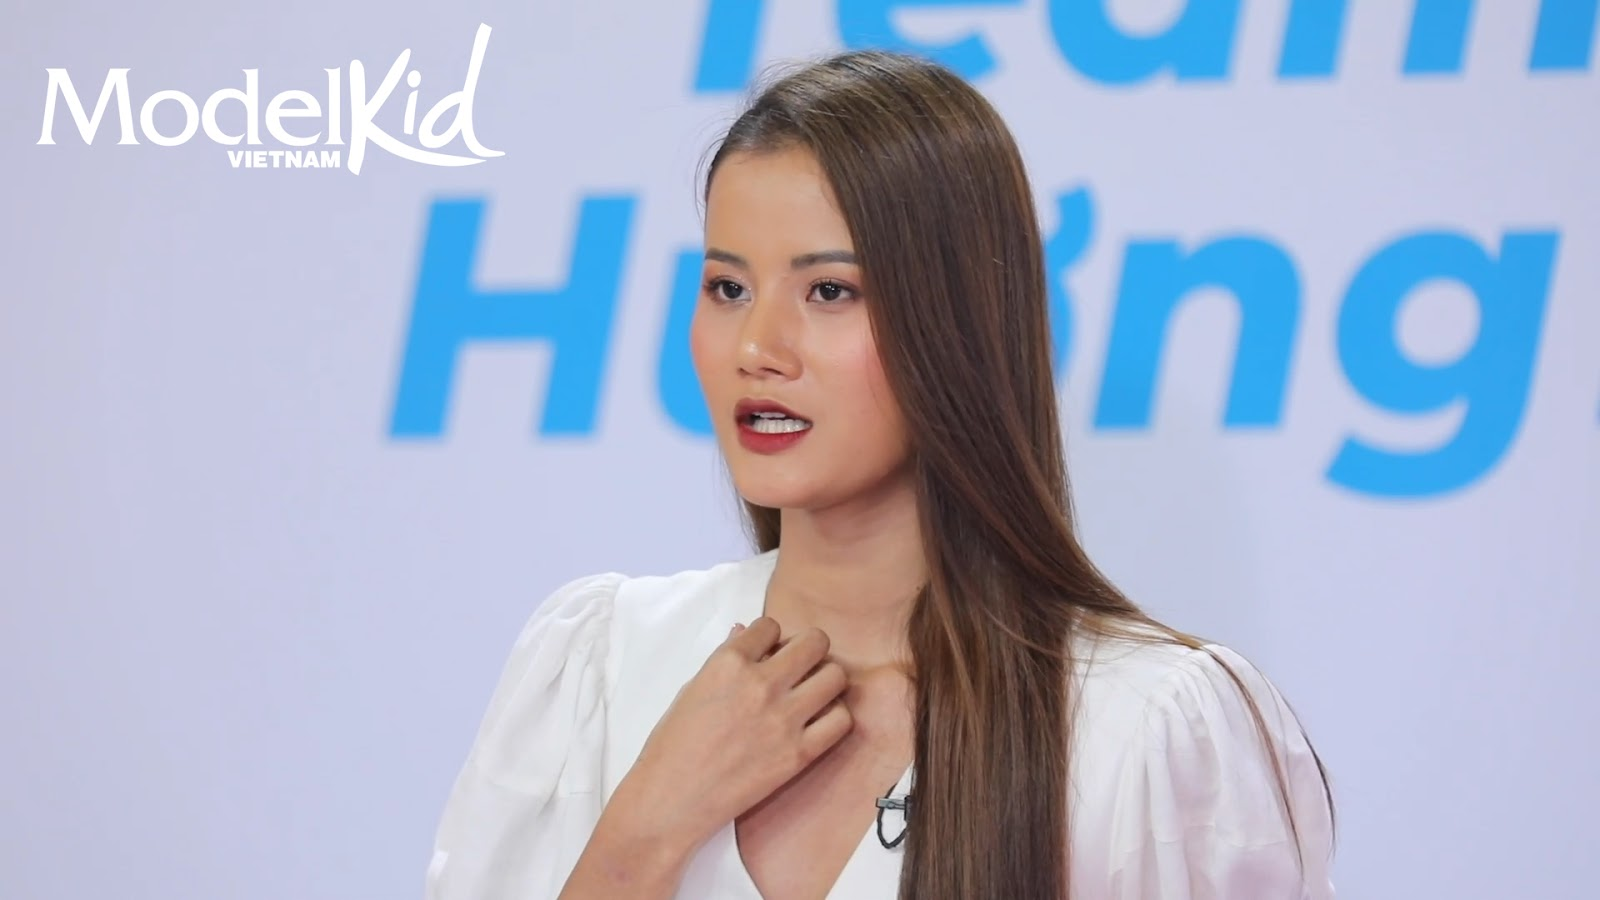 Quang Đại bất ngờ xin rút khỏi ghế HLV, Hương Ly khóc nức nở khi trở thành cô giữ trẻ Model Kid Vietnam - Hình 18